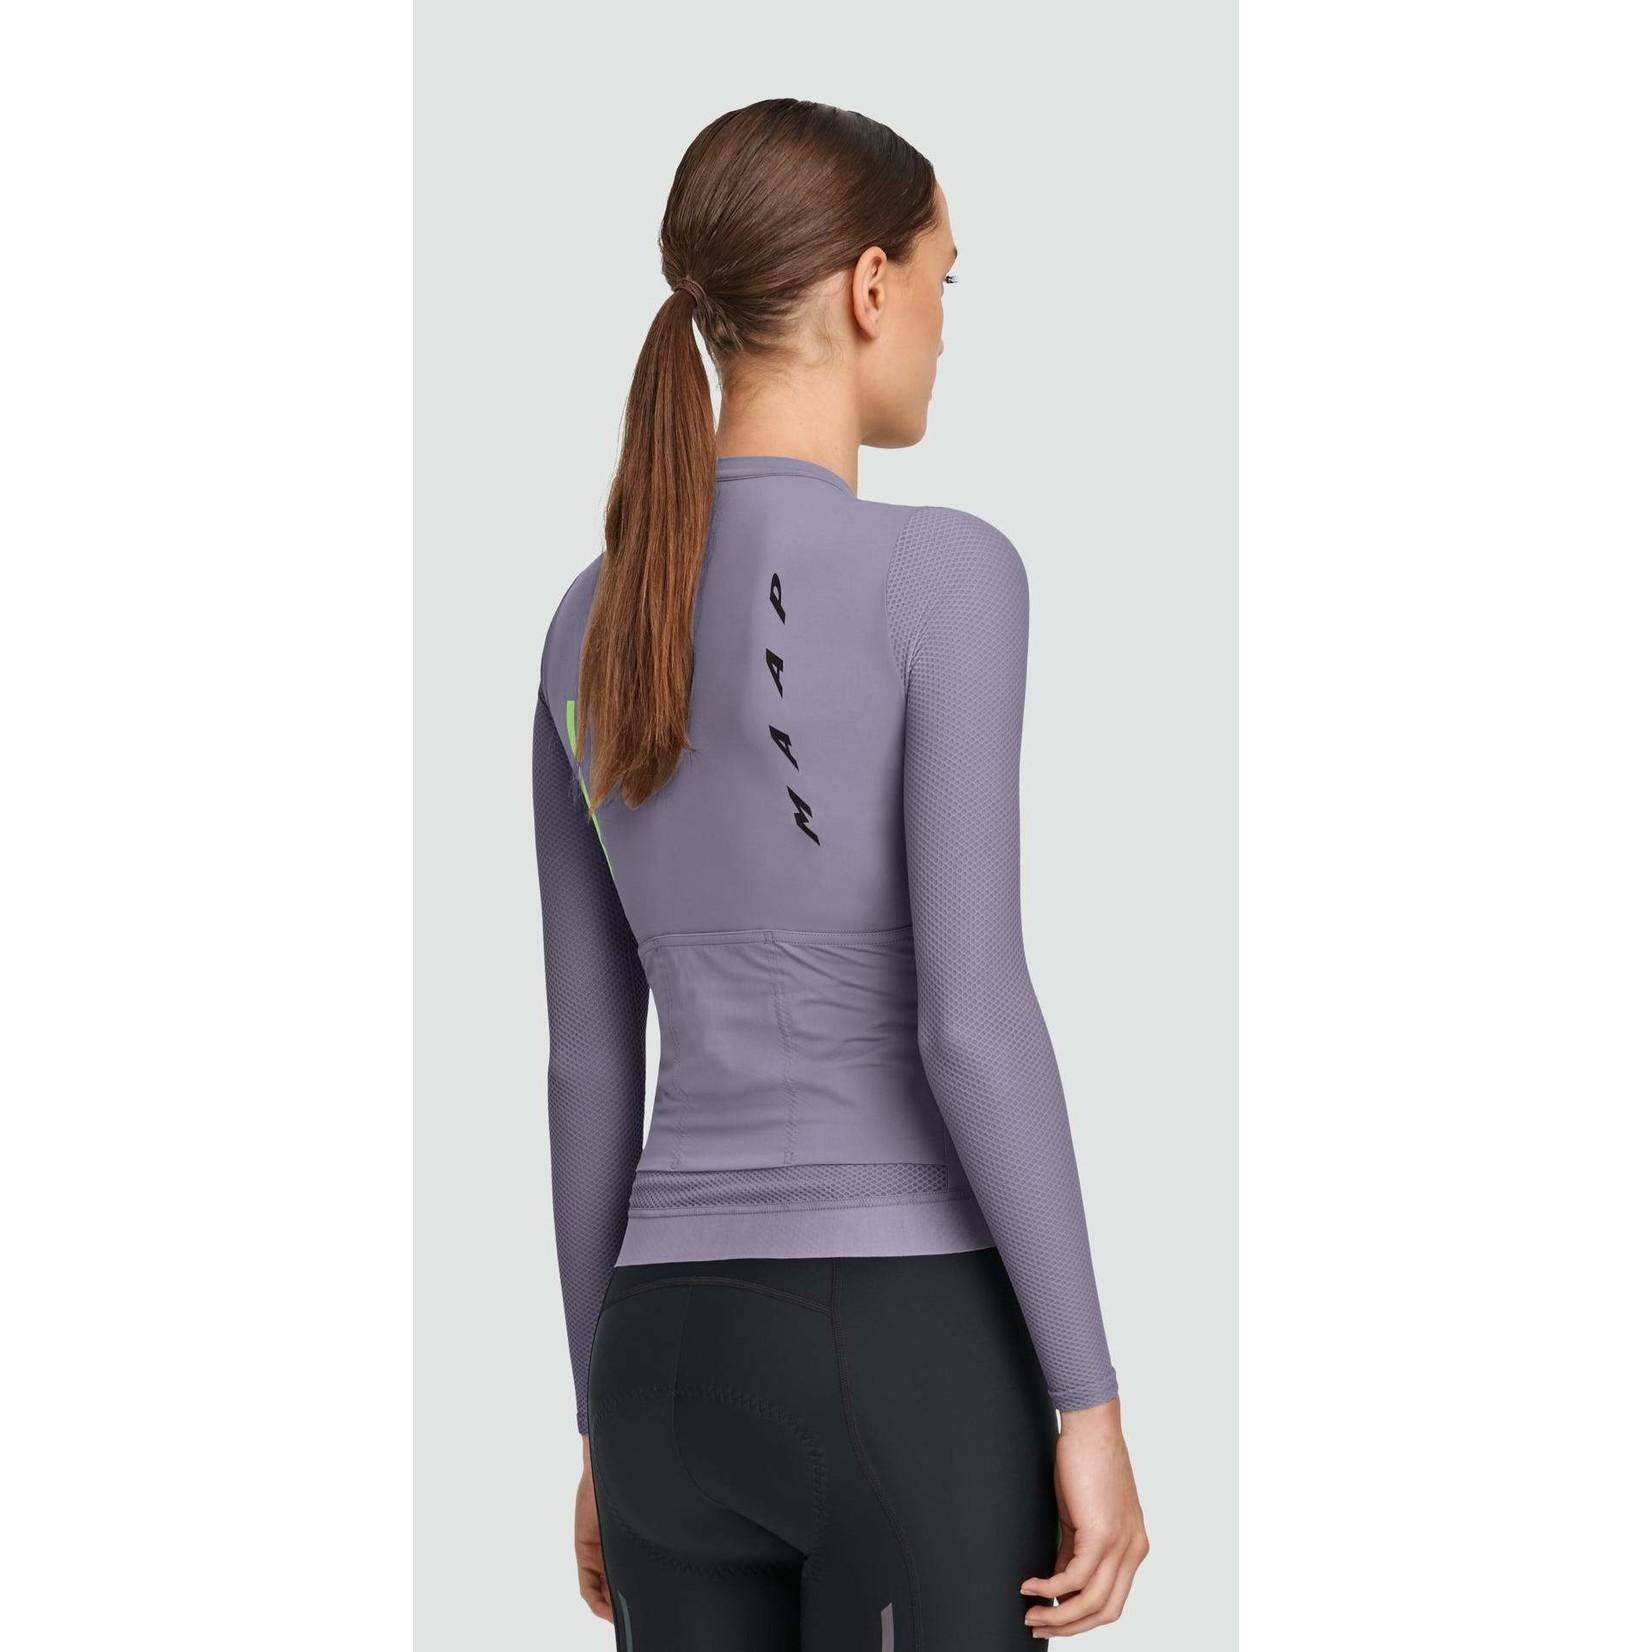 Maap MAAP Women Evade Pro Base Long Sleeve Jersey - Purple Ash